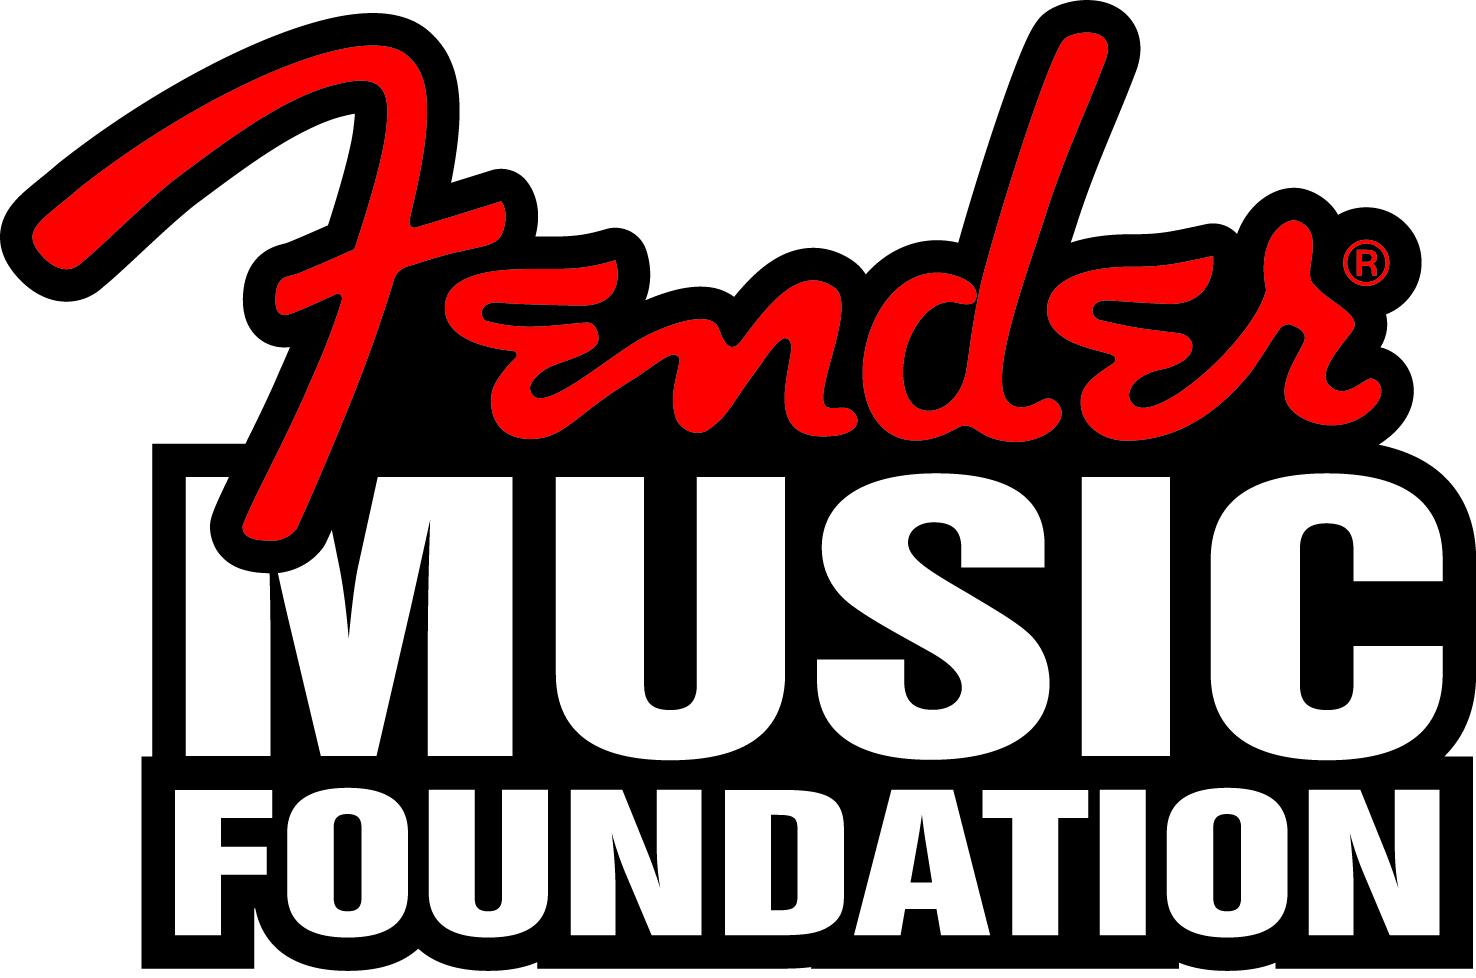 fender-music-foundation-color-logo.jpeg